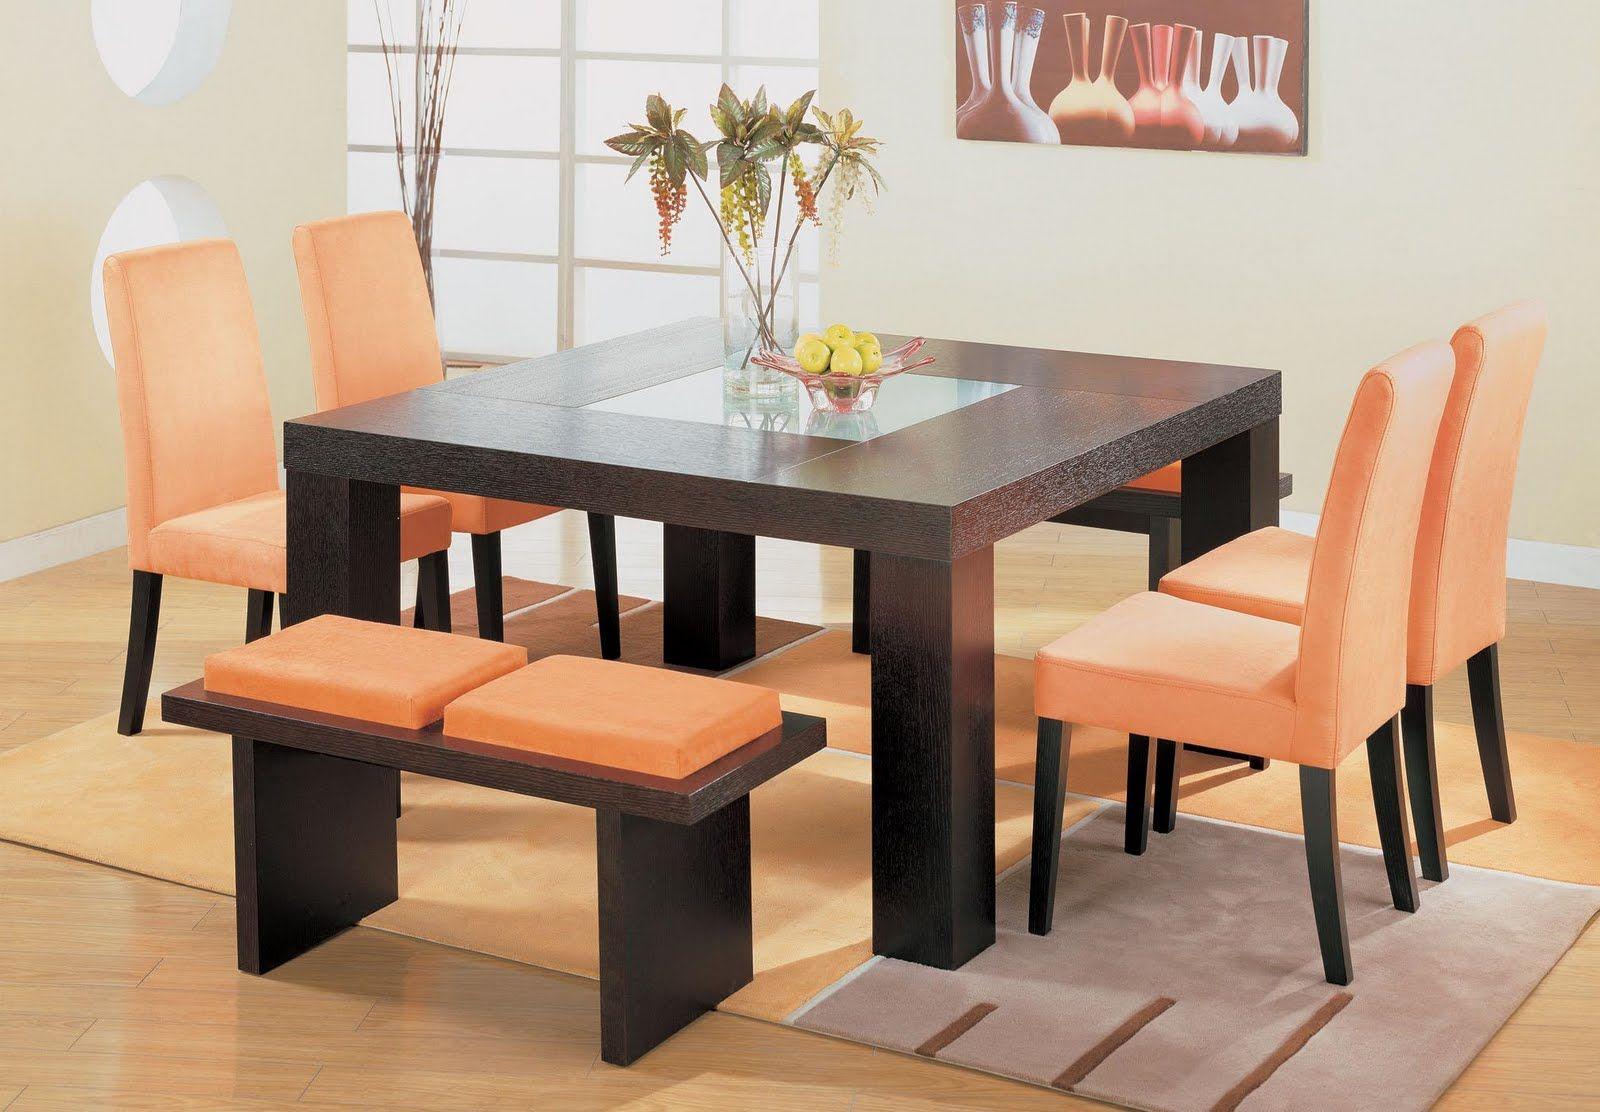 Sillas de madera para comedor modernas ideas para decorar for Como decorar un comedor minimalista